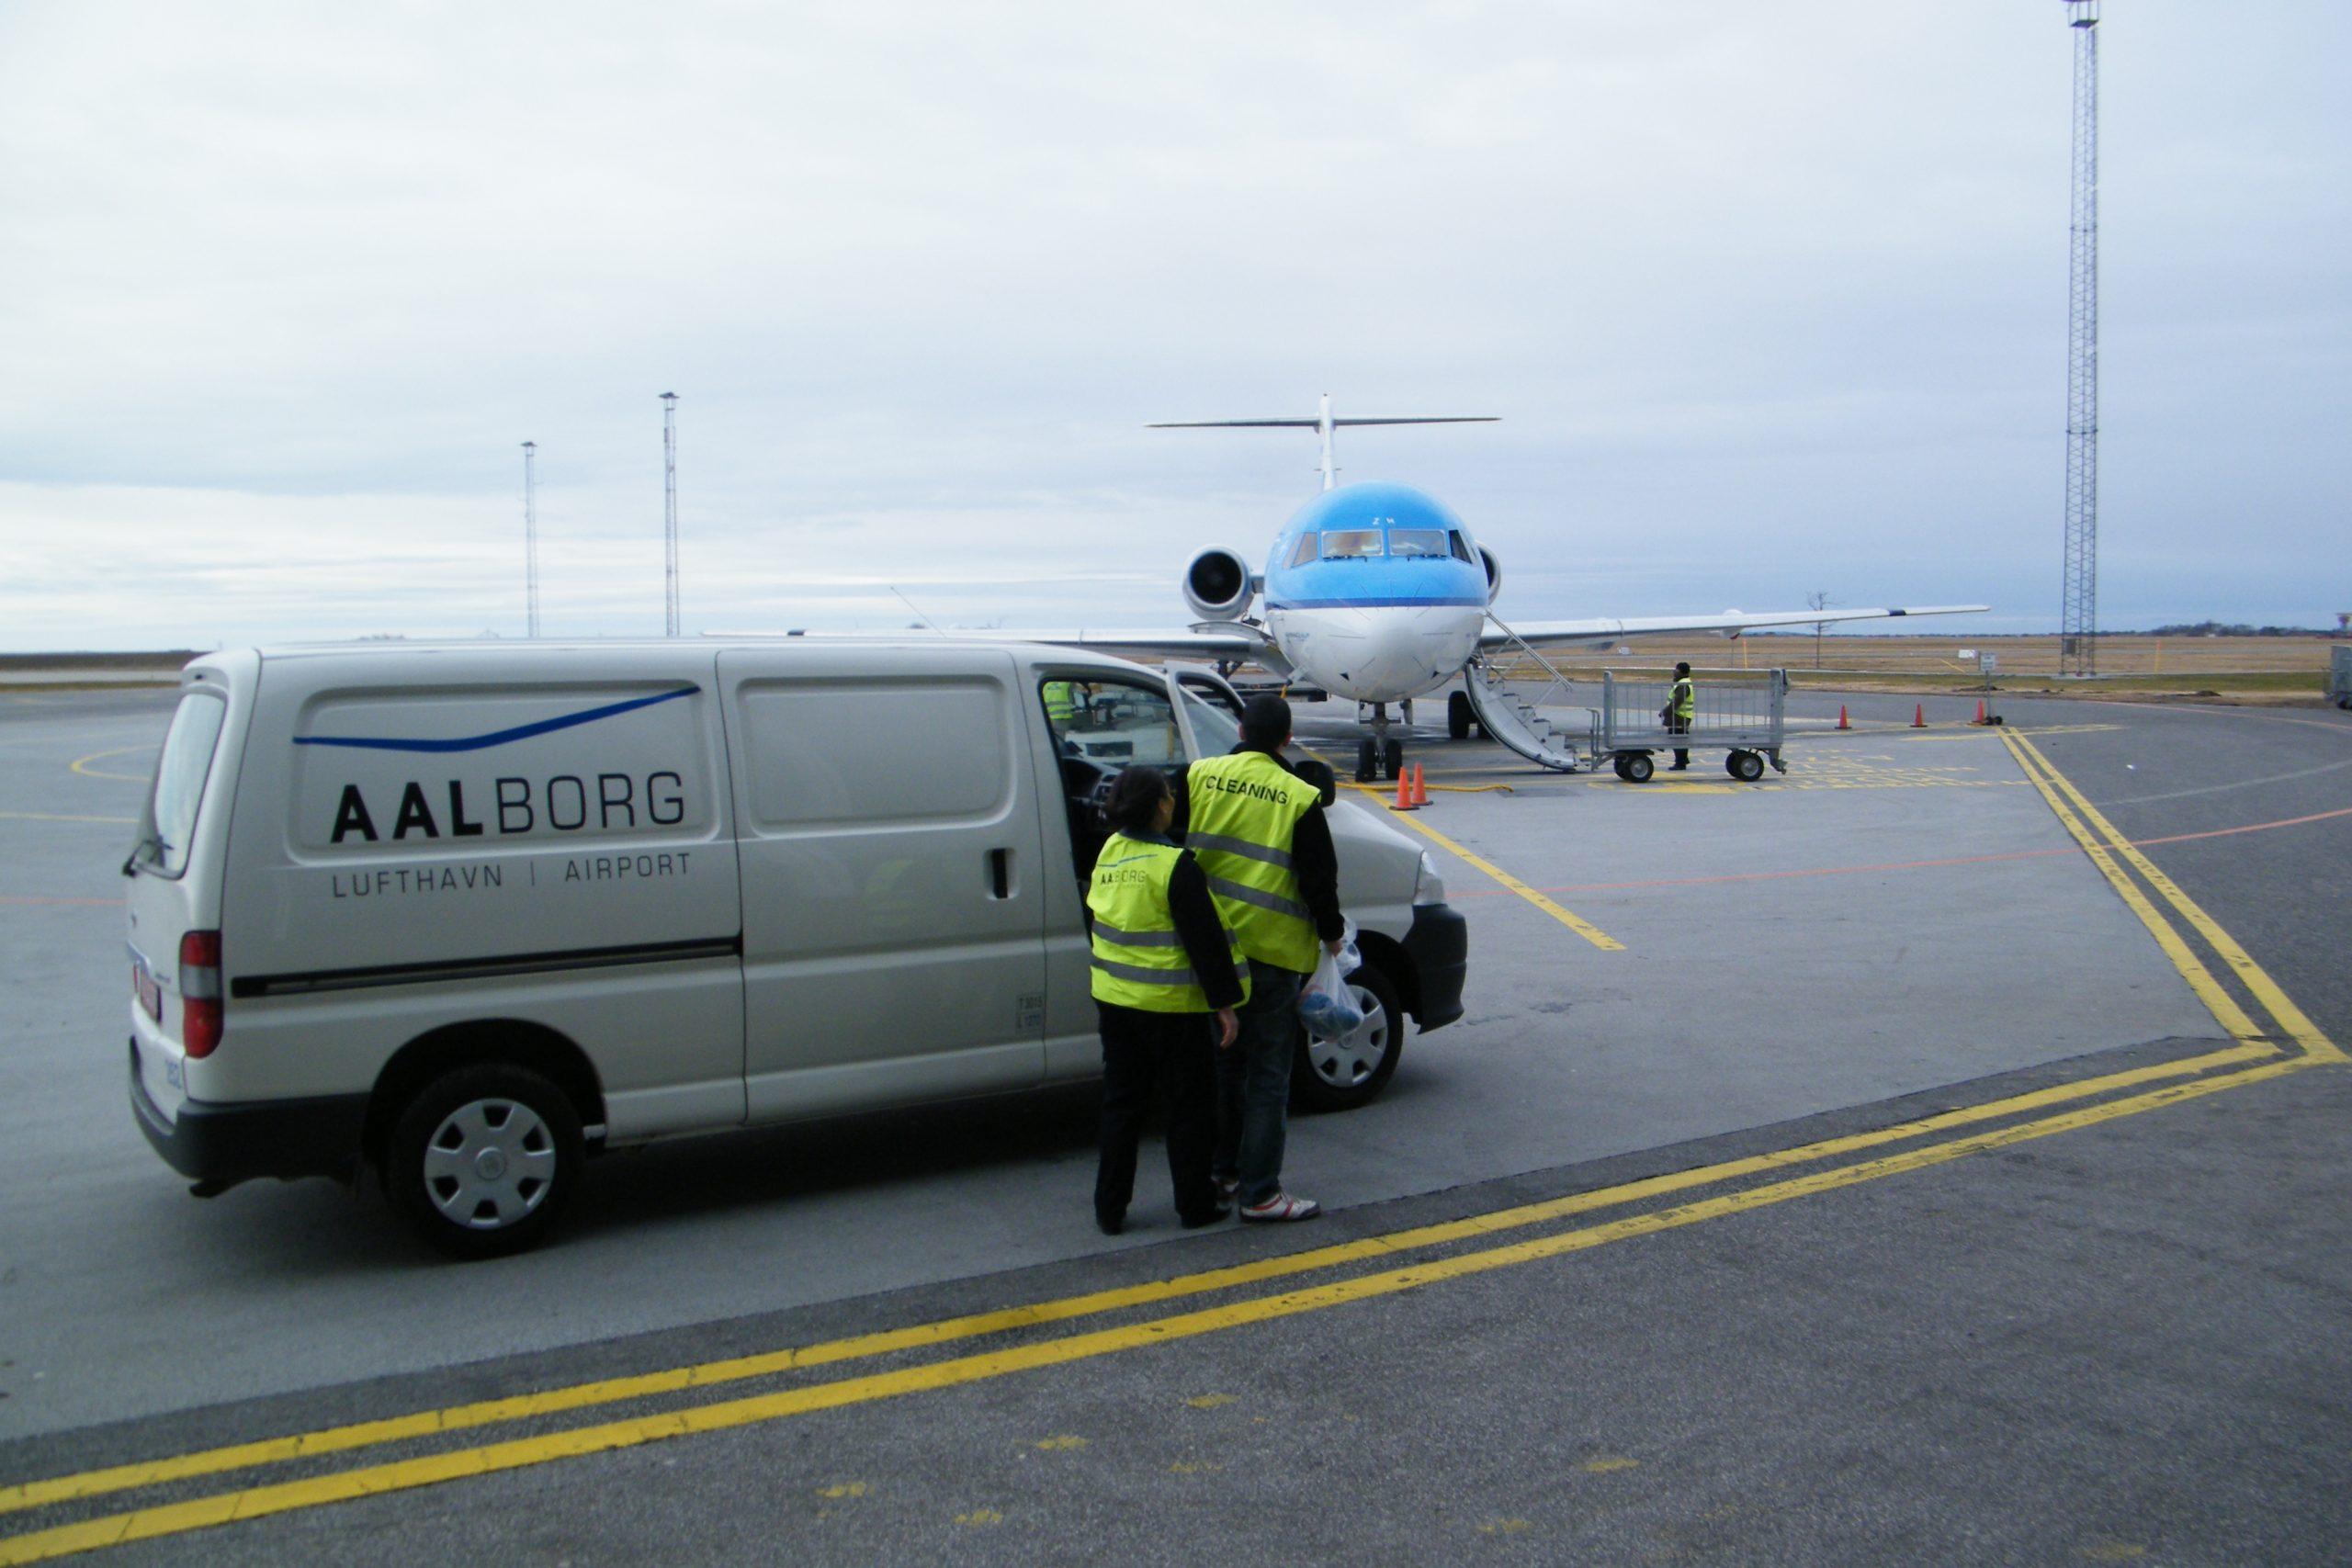 Der er store problemer med at rejse indenfor Europa under coronakrisen, for eksempel har landene ikke ens rejsevejledninger. Her arkivfoto fra Aalborg Lufthavn med KLM-fly. Foto: Henrik Baumgarten.